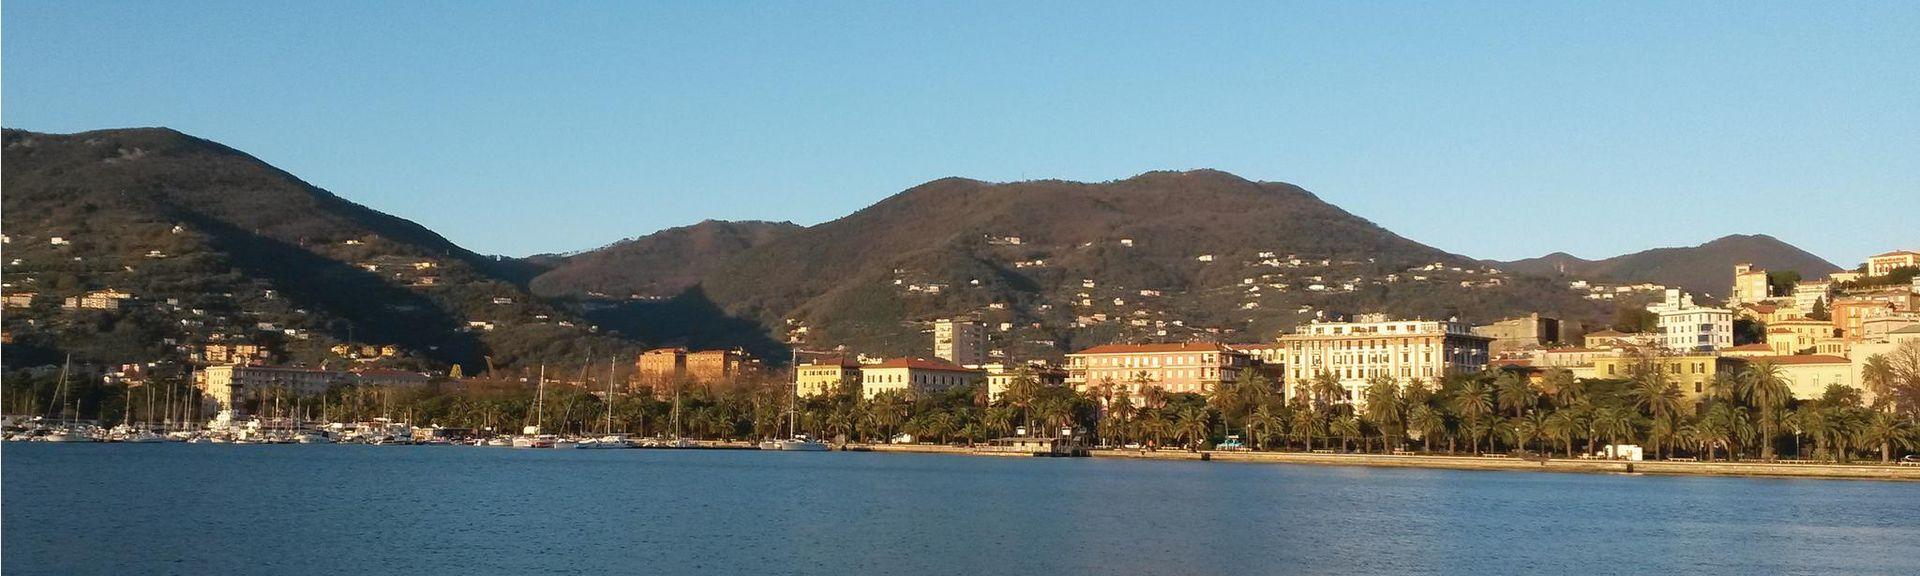 Bocca di Magra, La Spezia, Liguria, Italy